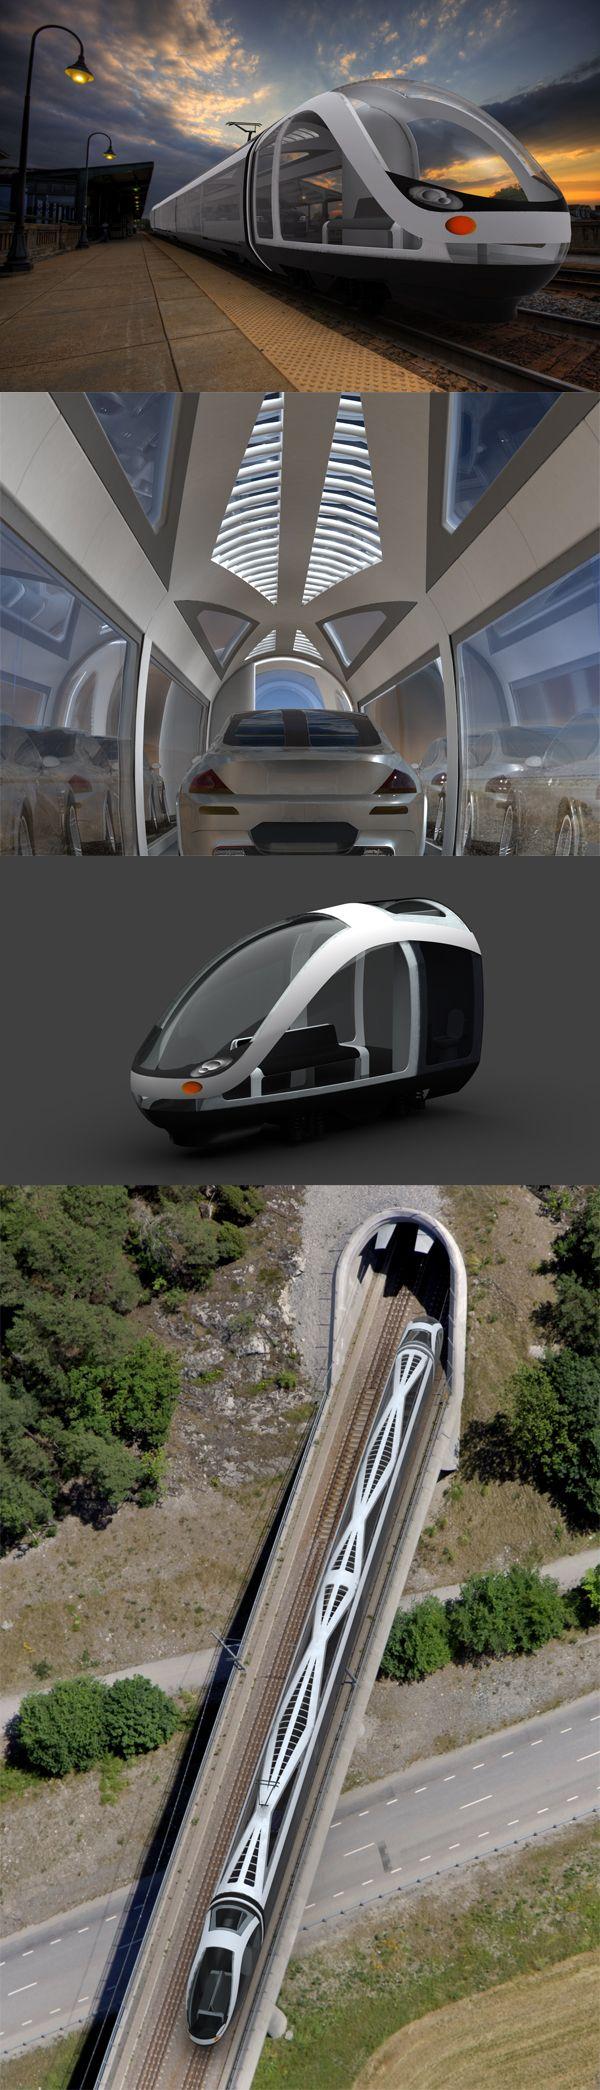 The futuristic Auto Train